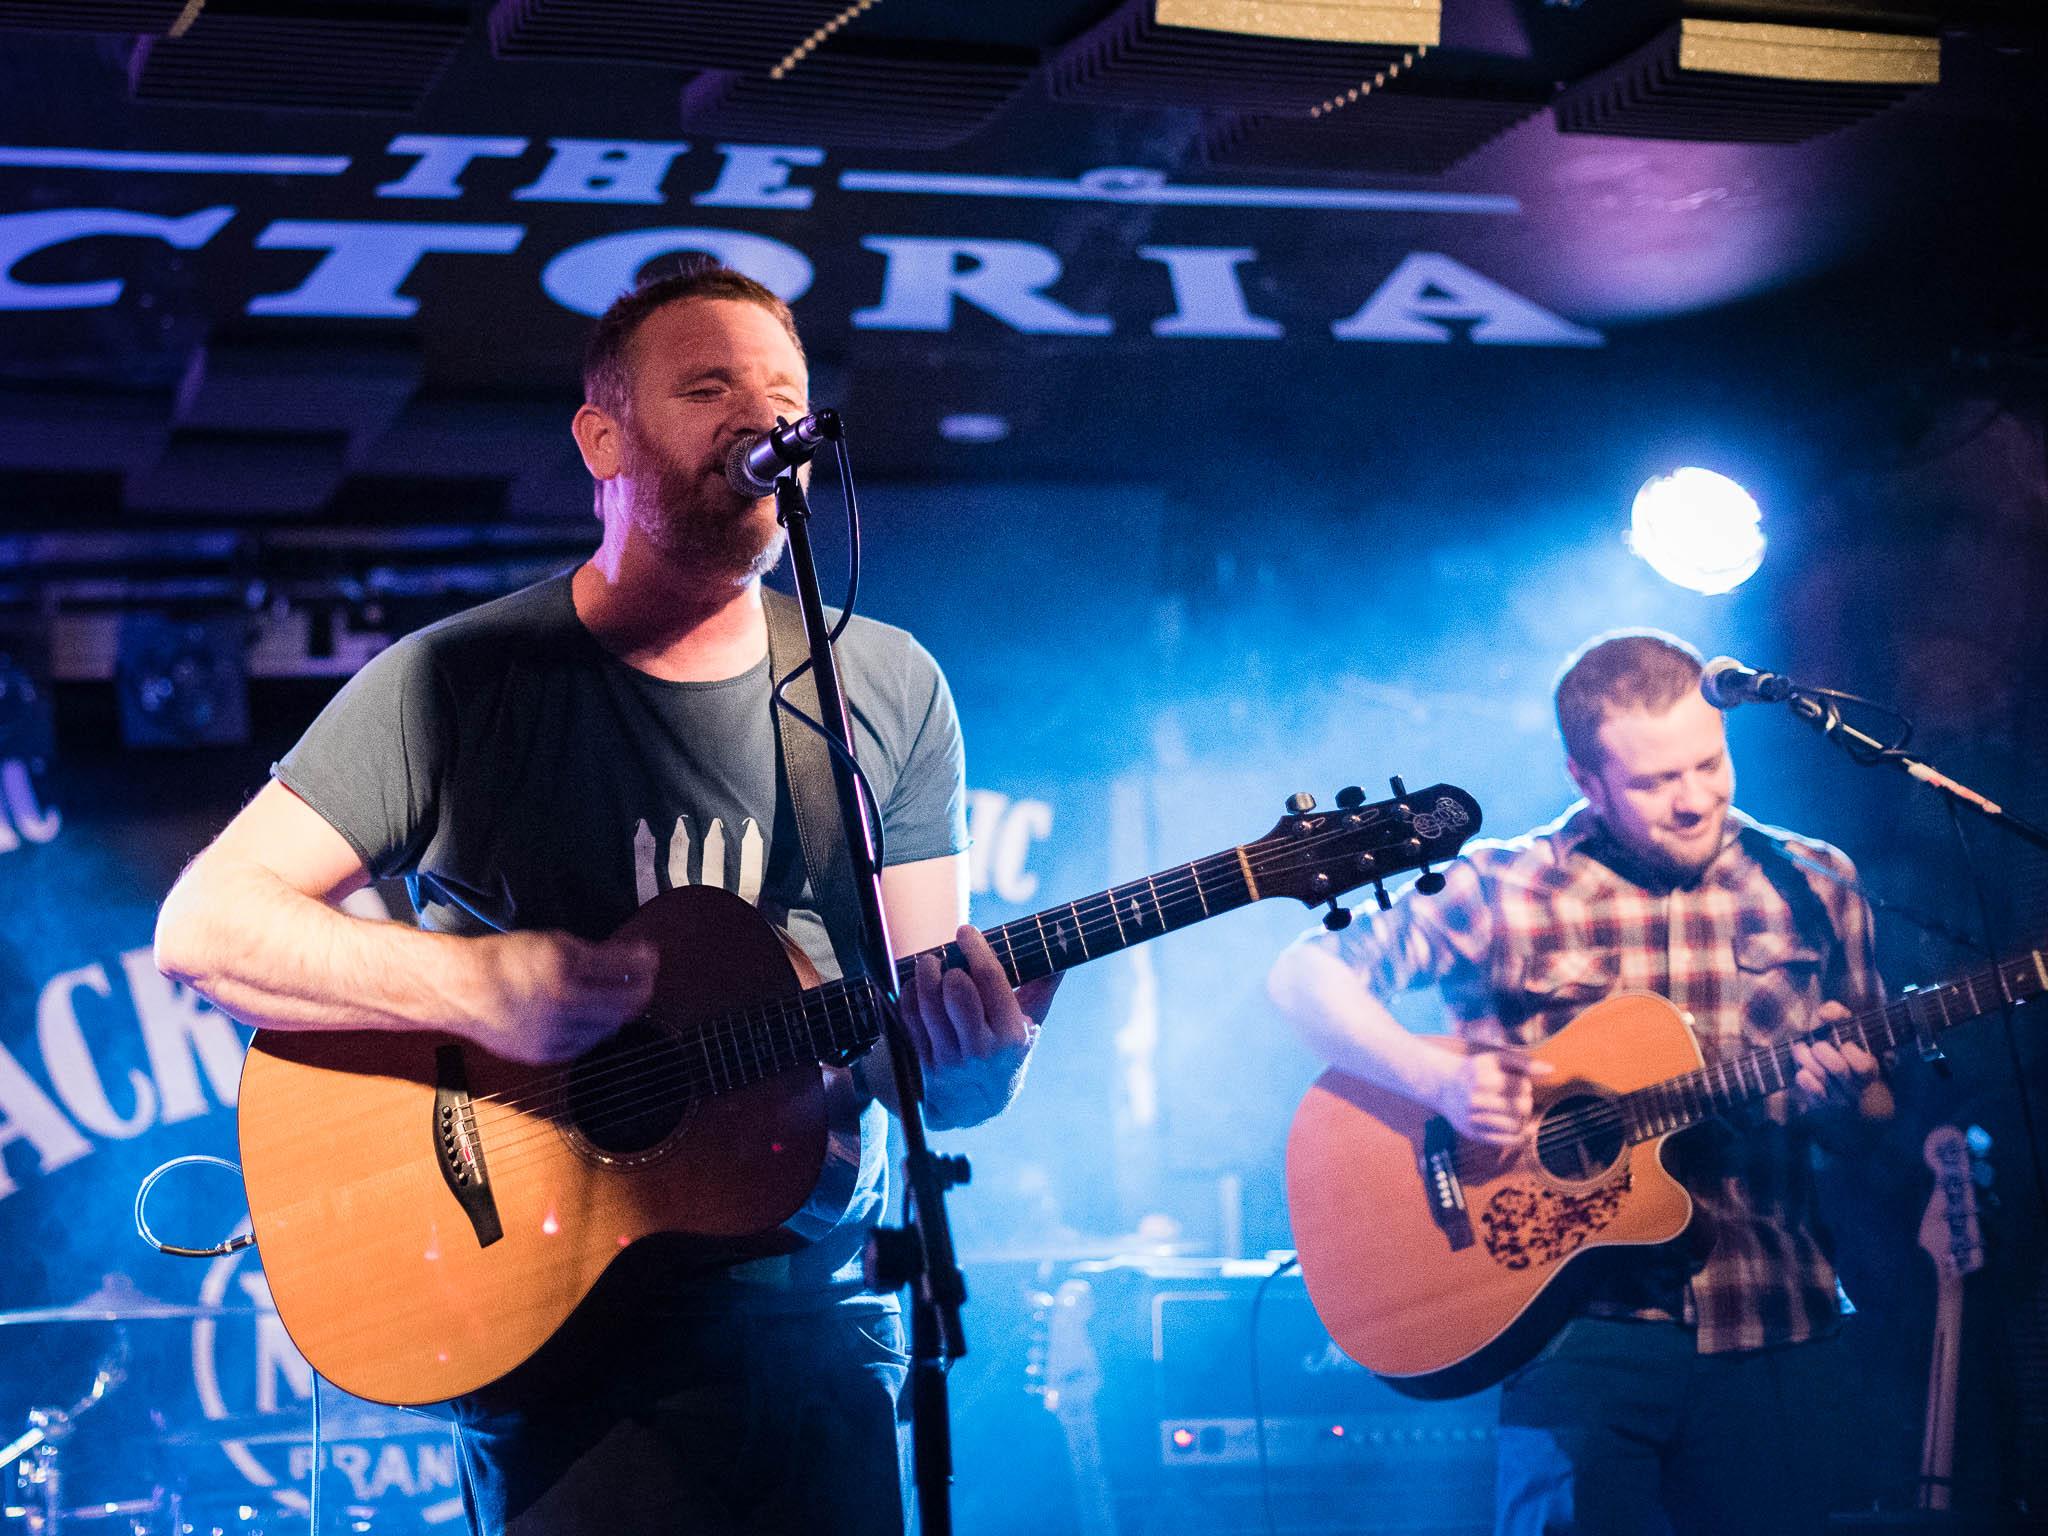 Die englischen Folkmusiker Chris Webb unsd Nick Parker spielen gemeinsam im Filou Steinhude